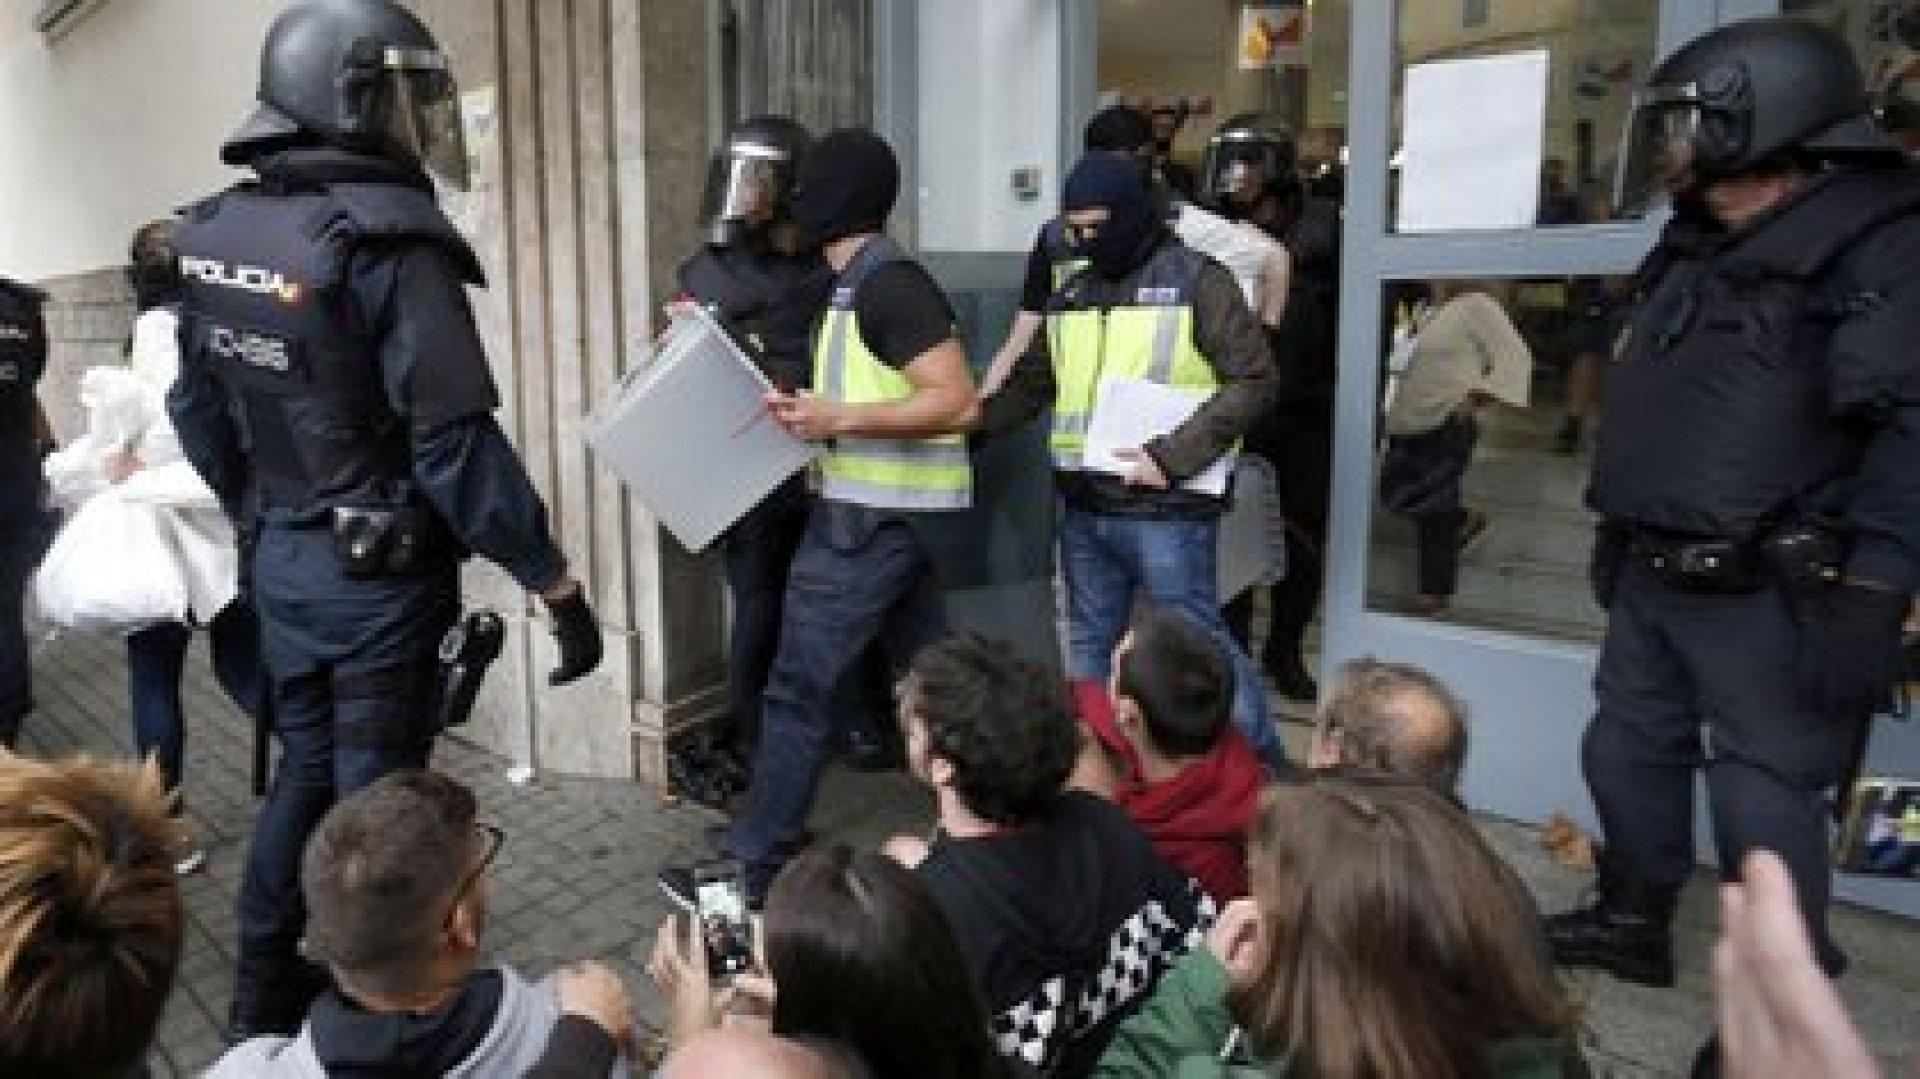 La policía española incauta urnas en un colegio electoral de Barcelona, el 1 de octubre de 2017 (AFP PHOTO / PAU BARRENA)